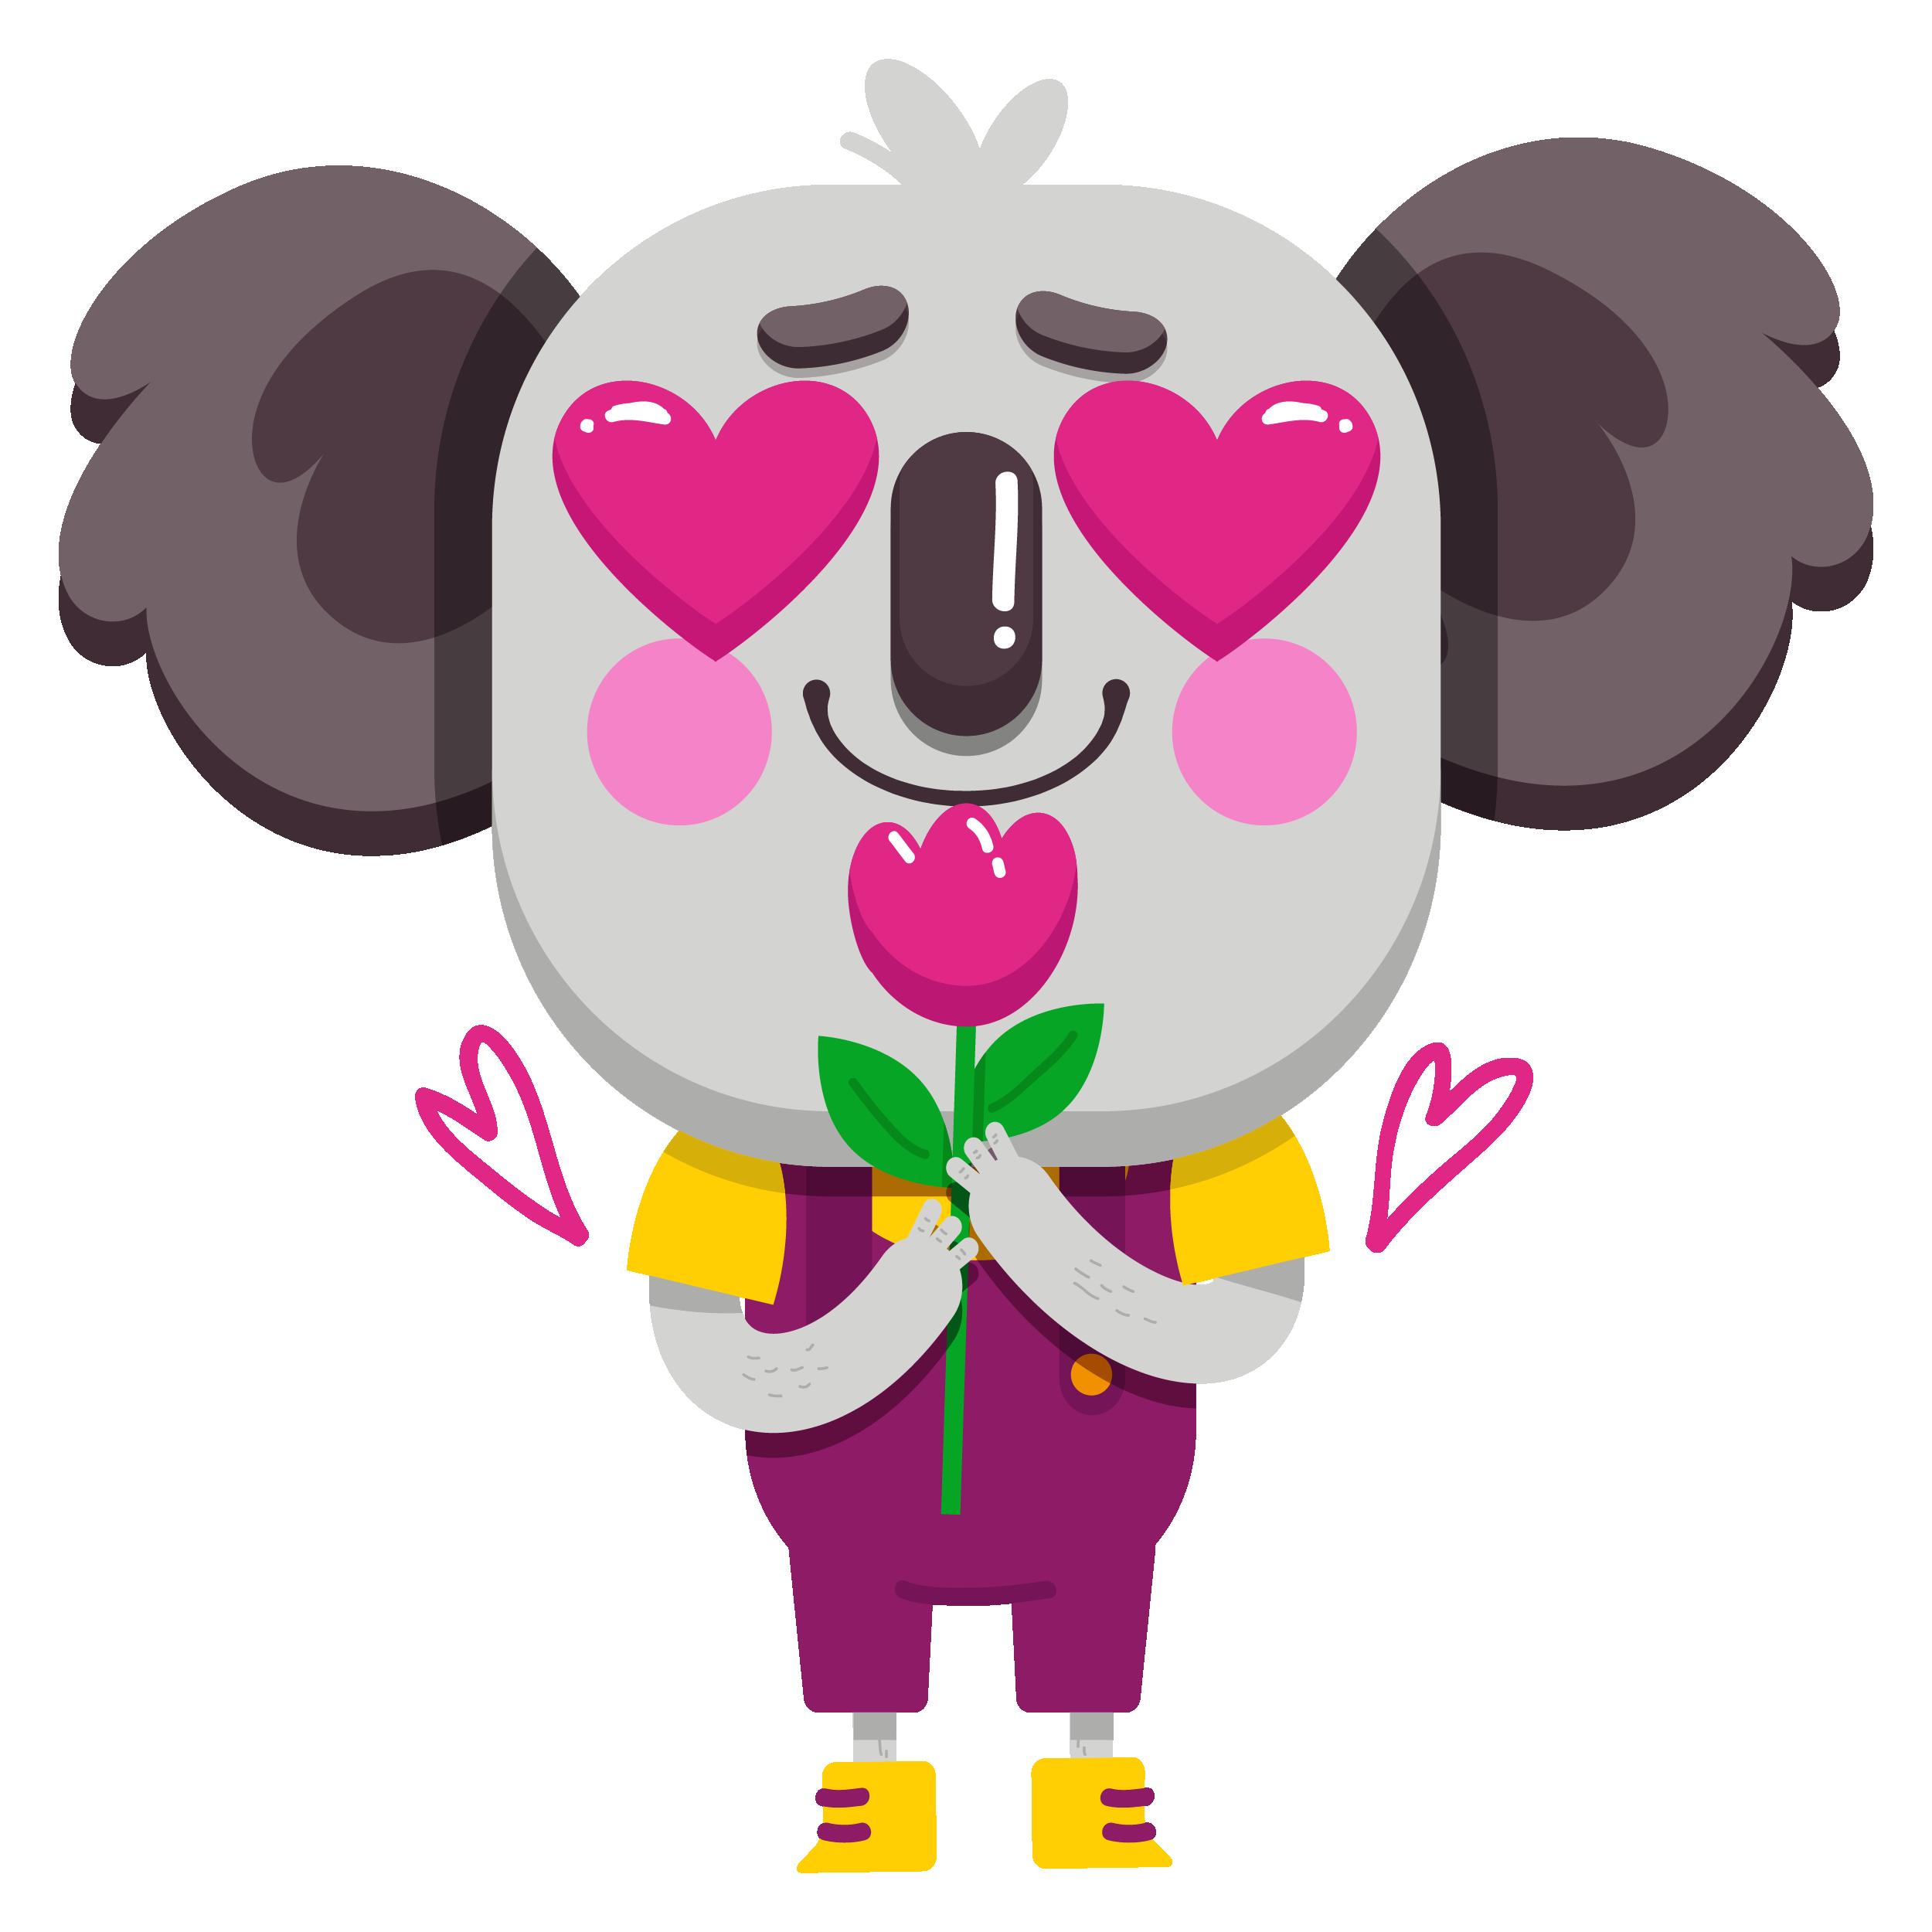 Cute Koala Vibes messages sticker-0